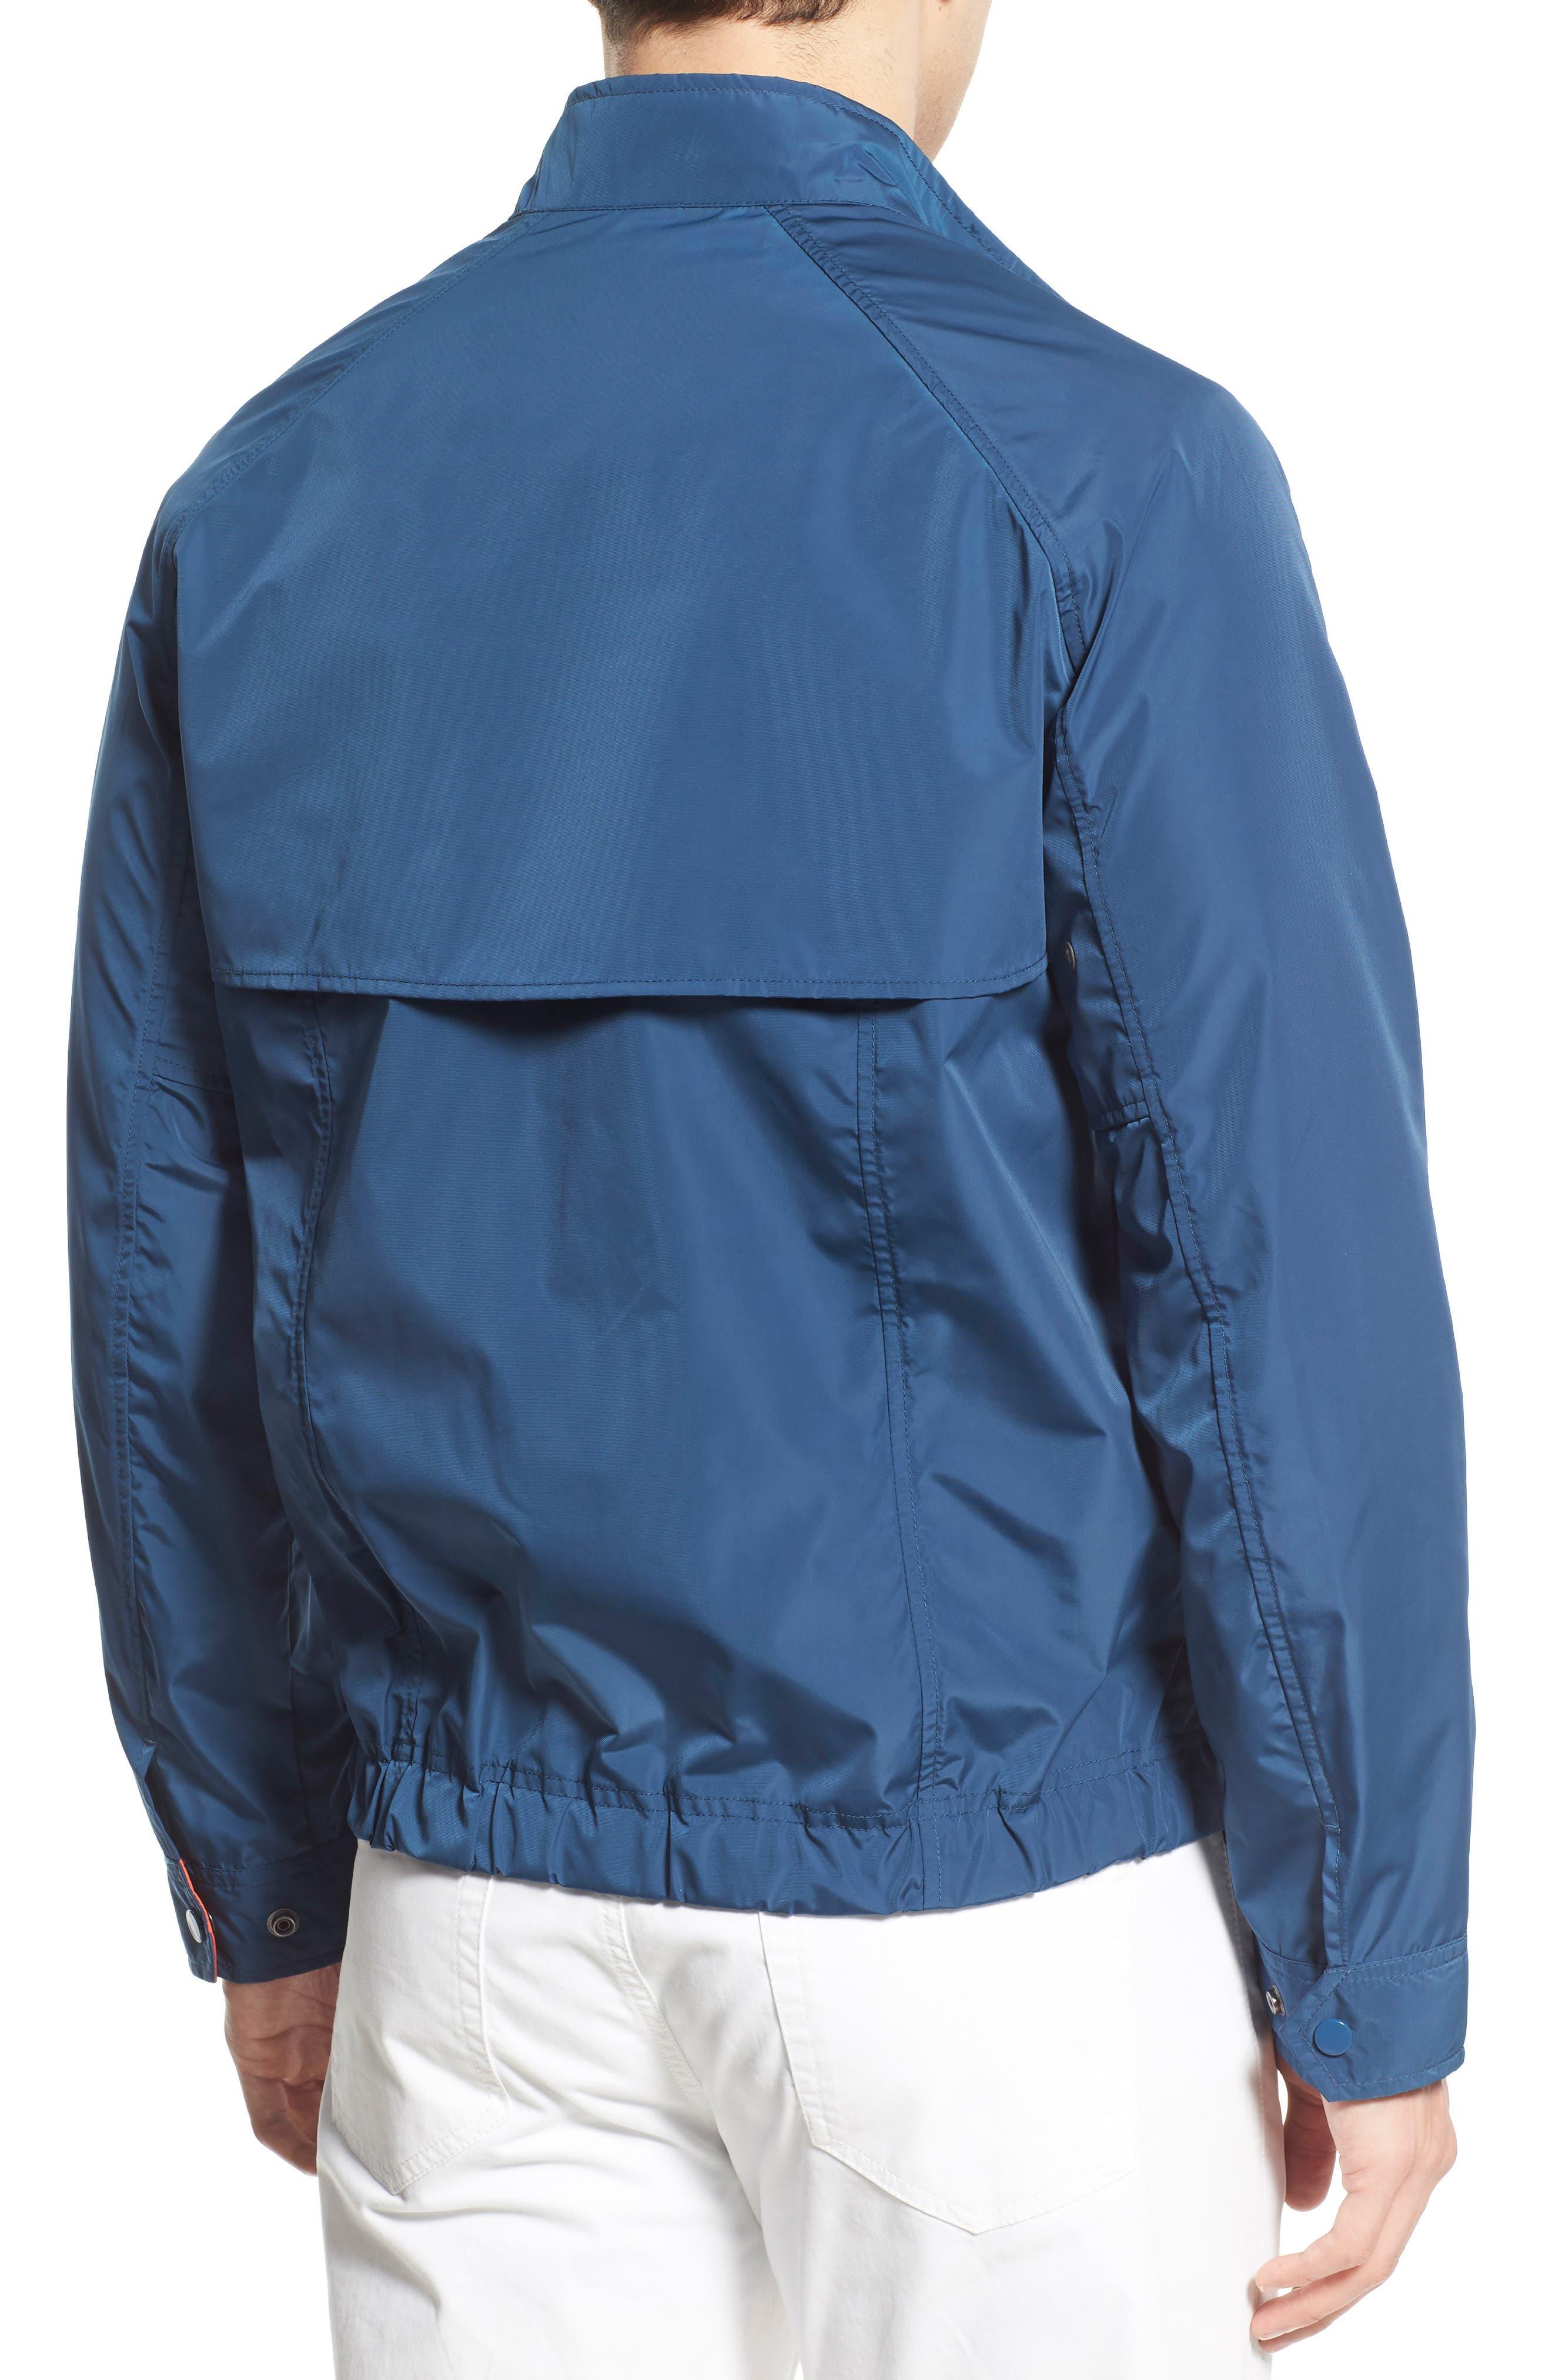 Mens jacket names - Mens Jacket Names 49